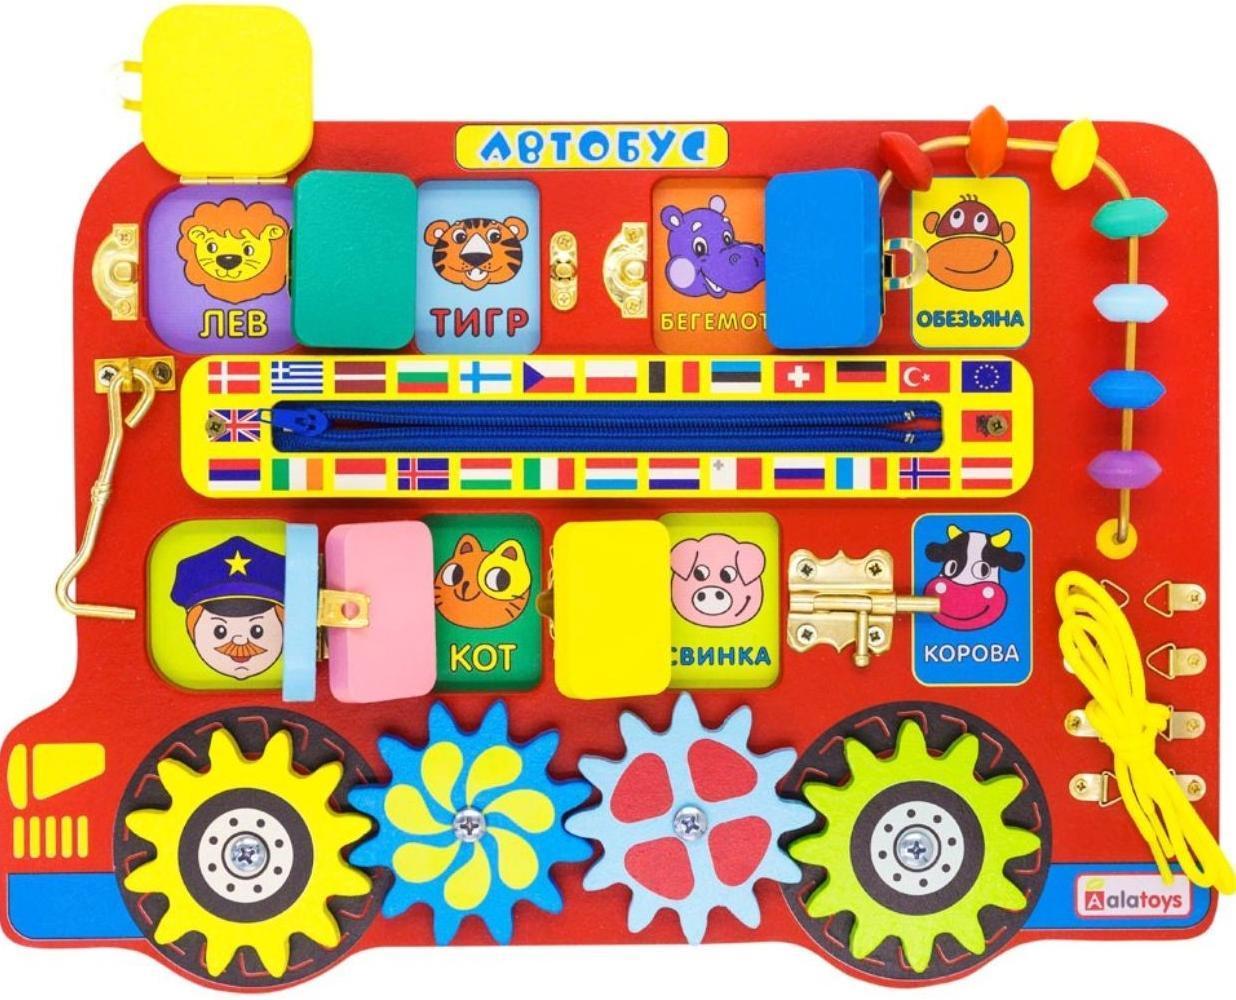 Купить Бизиборд развивающая доска Alatoys Автобус , Россия